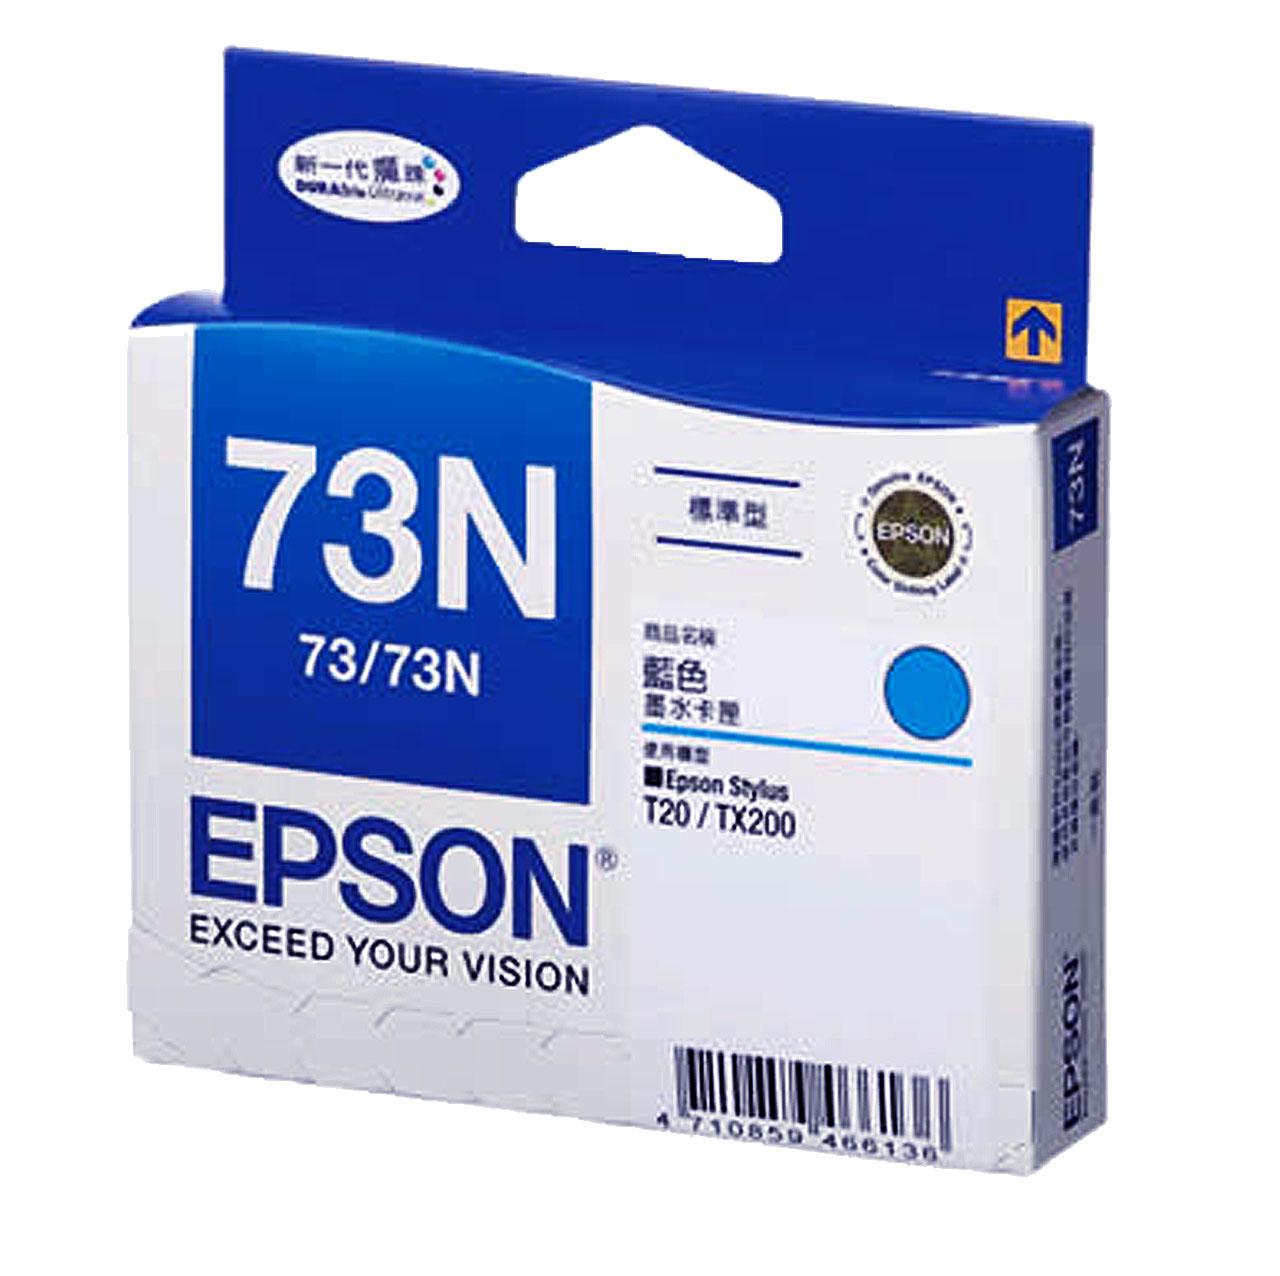 T105250 EPSON 原廠 藍色墨水匣-新一代魔珠墨水適用 C79/C90/C110/CX3900/CX4900/CX5500/CX5505/CX5900/CX6900F/CX7300